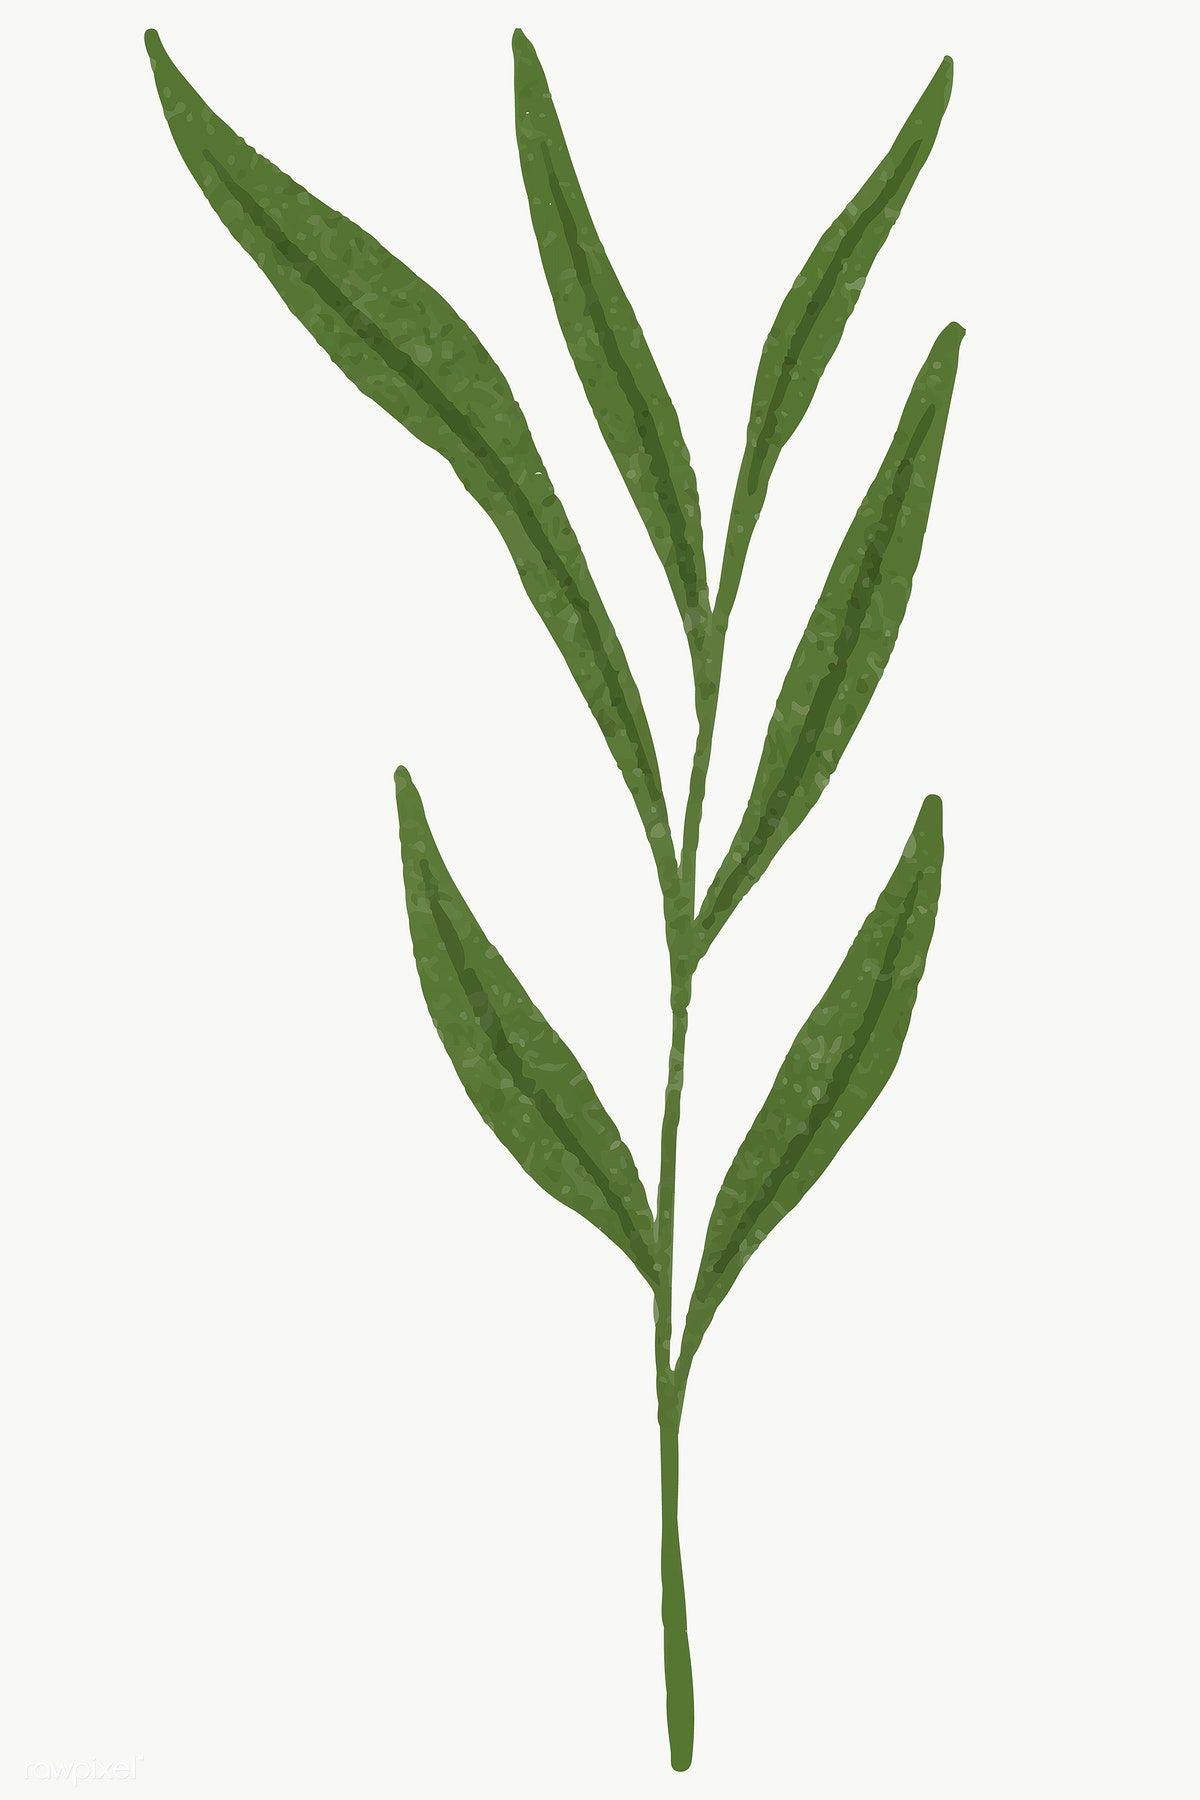 Branch With Green Leaves Design Element Transparent Png Free Image By Rawpixel Com Aum Leaf Illustration Leaf Design Leaf Drawing